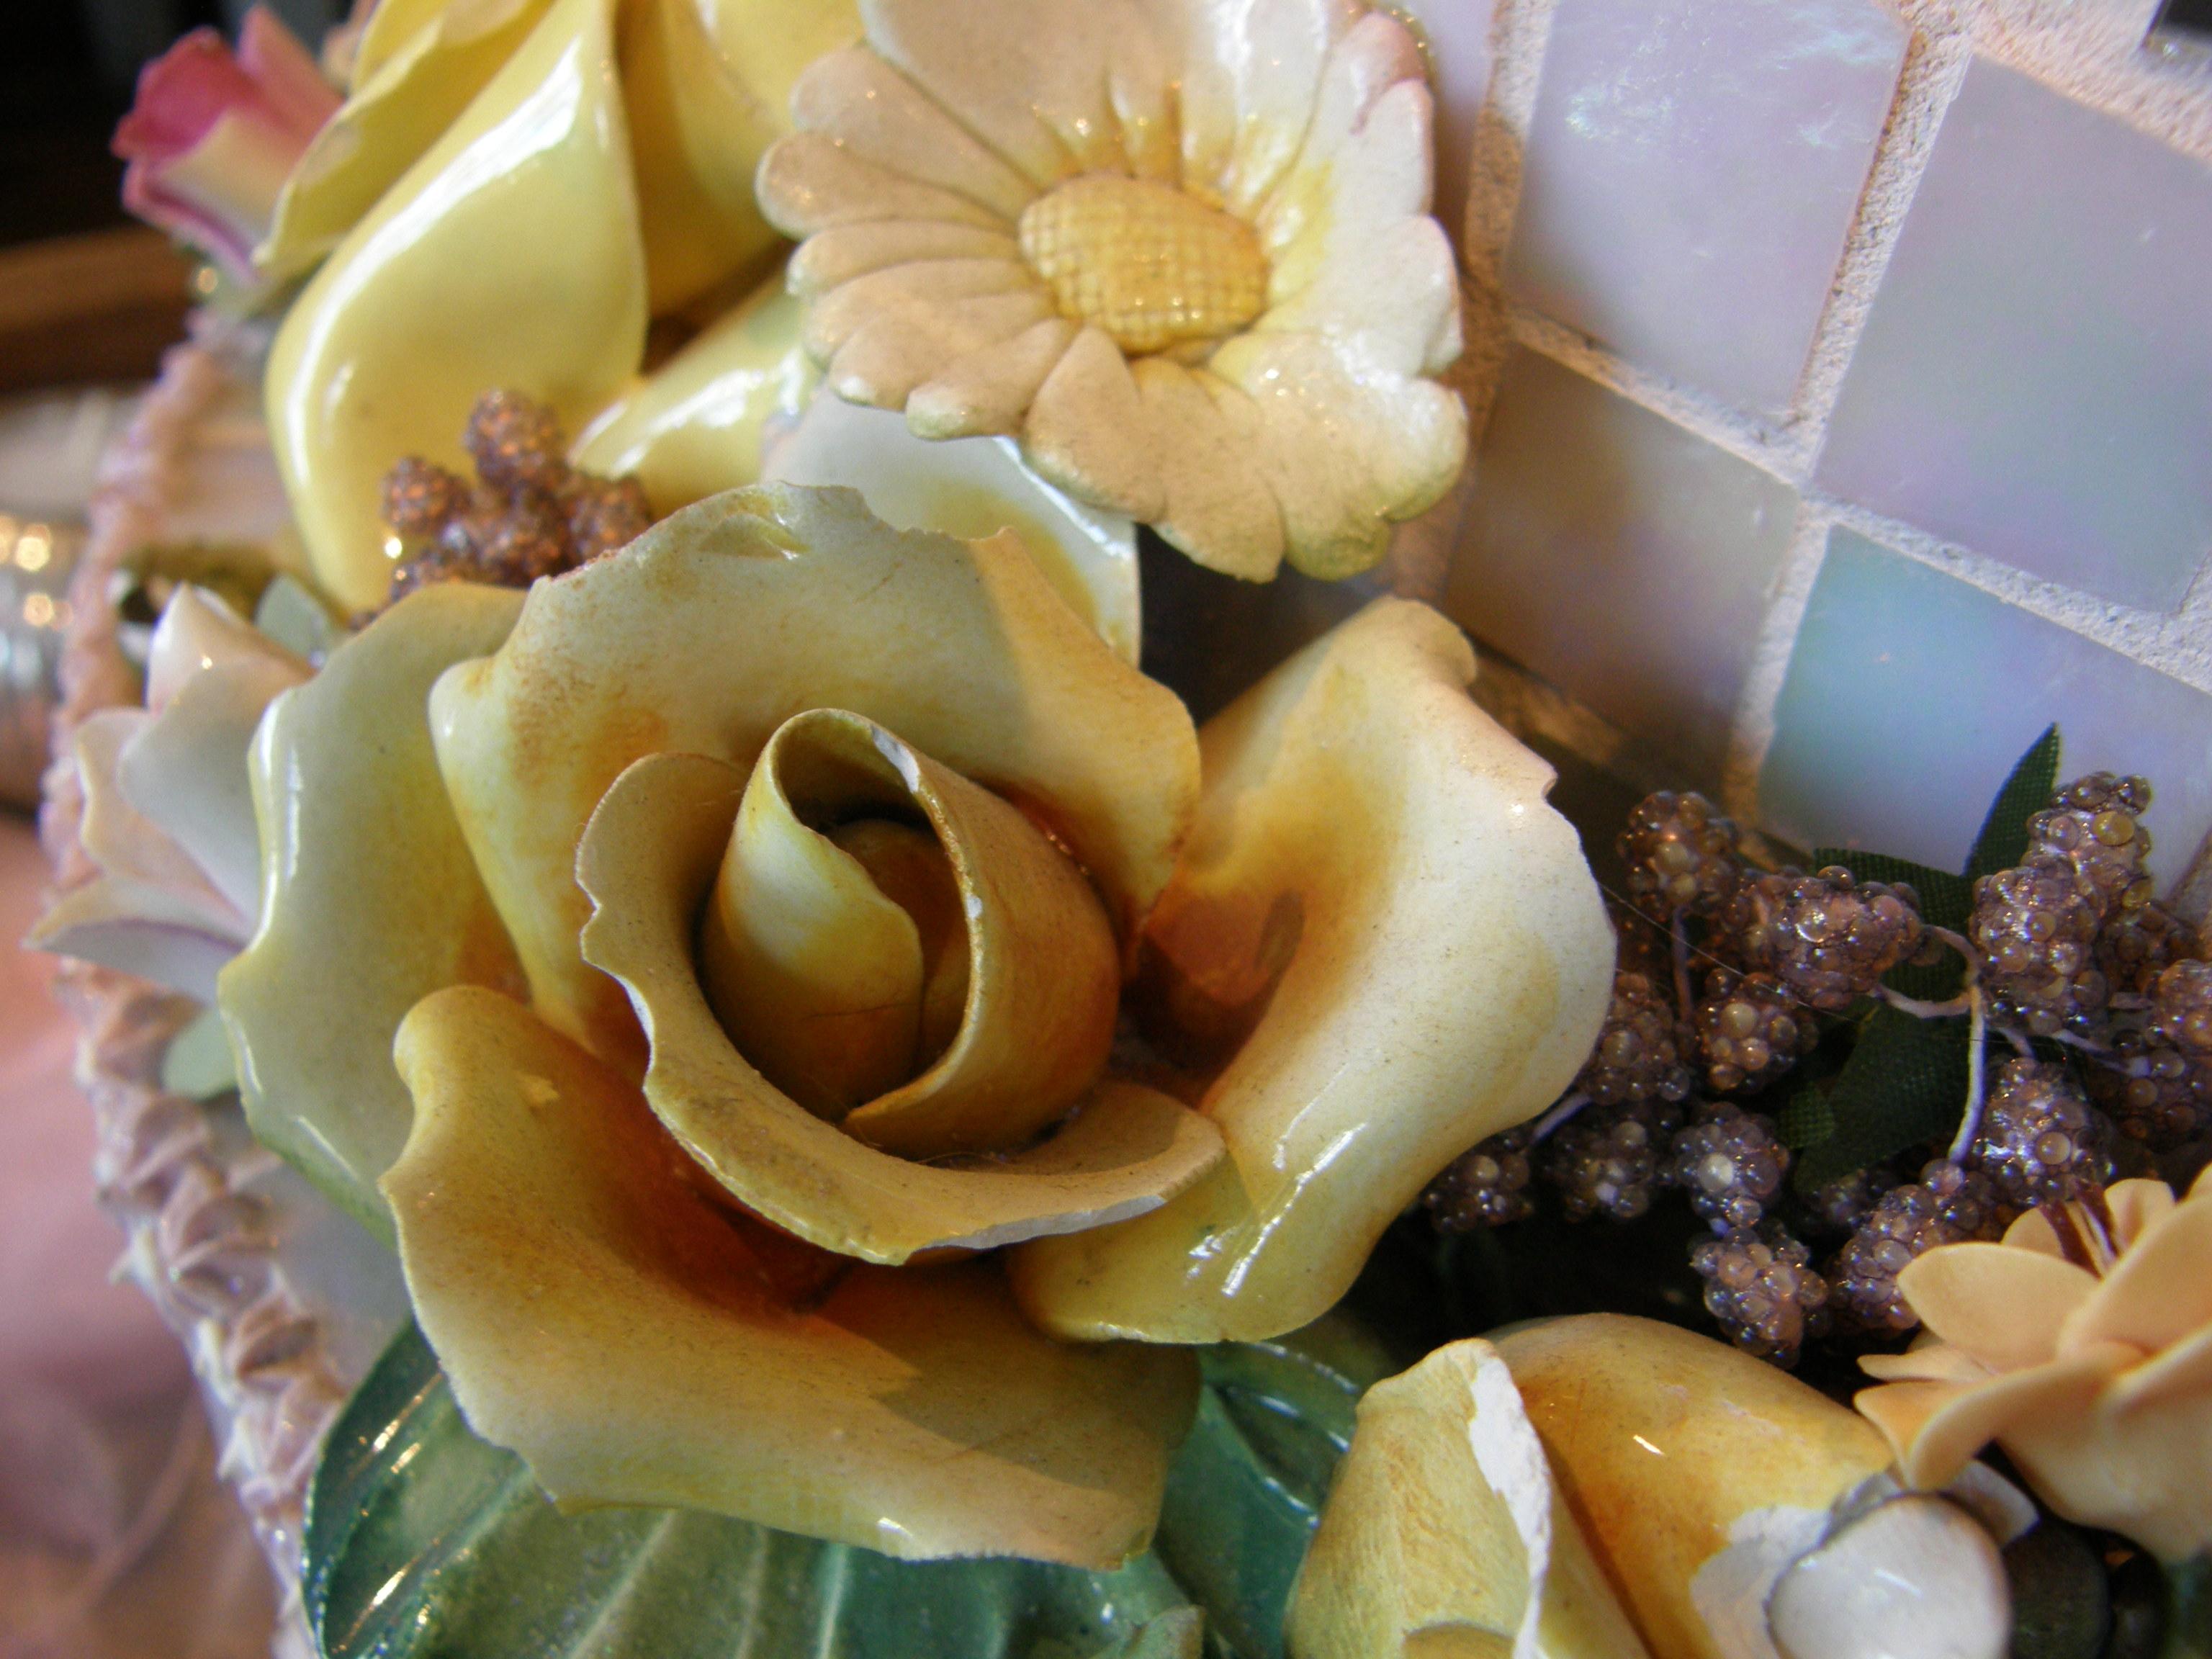 Porcelain flower detail